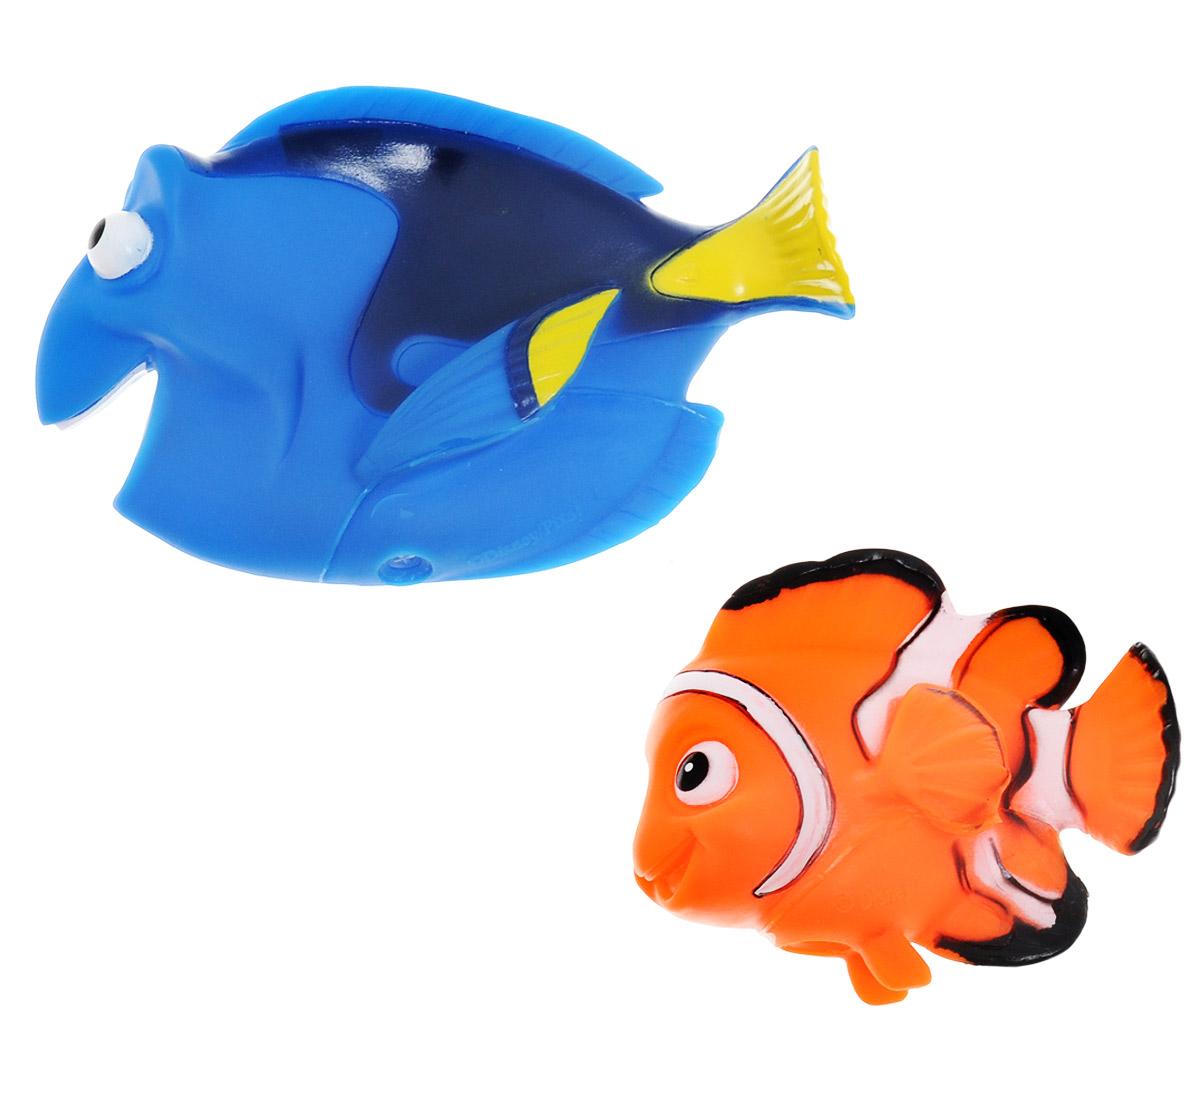 Играем вместе Набор игрушек для ванной В поисках Немо 2 шт120R-123R-PVC_синий, оранжевыйС набором игрушек для ванной Играем вместе В поисках Немо принимать водные процедуры станет еще веселее и приятнее. В набор входят 2 игрушки в виде синей и оранжевой рыбок из популярного мультфильма. Игрушки могут брызгать водой и пищать. Набор доставит ребенку большое удовольствие и поможет преодолеть страх перед купанием. Игрушки для ванной способствуют развитию воображения, цветового восприятия, тактильных ощущений и мелкой моторики рук.